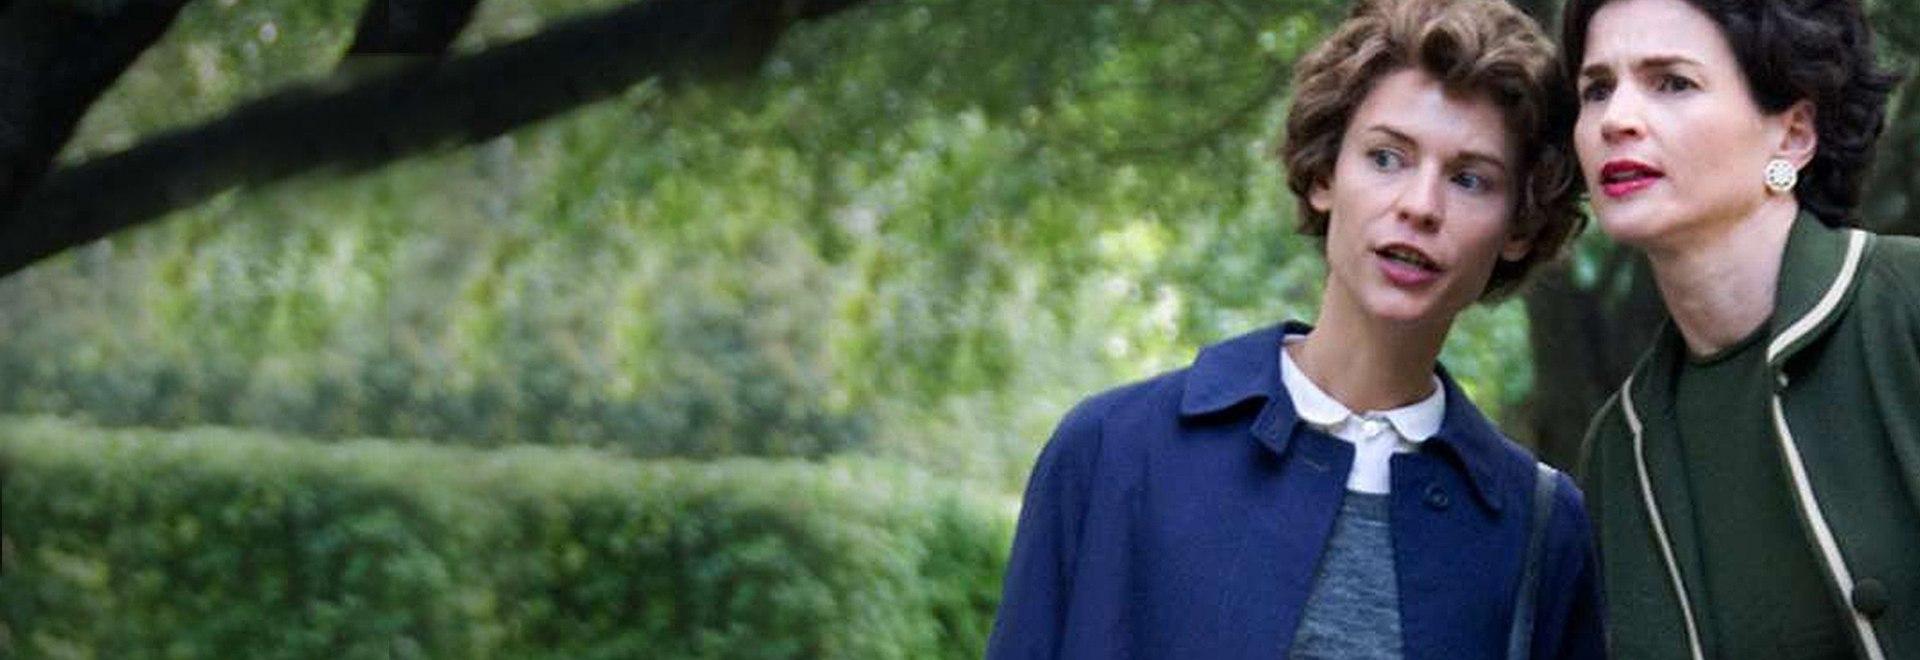 Temple Grandin - Una donna straordinaria